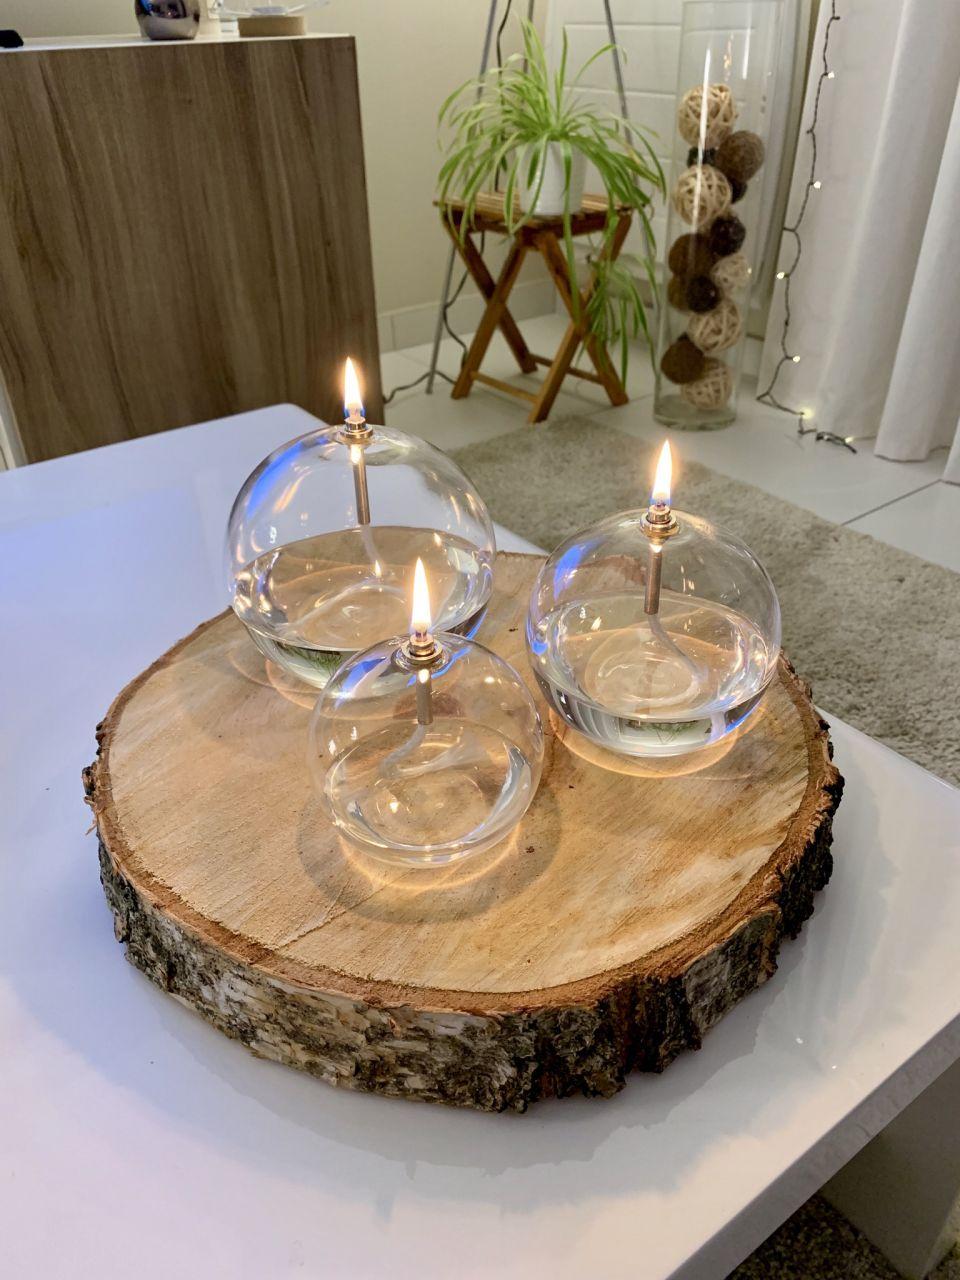 Lampes a huile (Merci Orchidee je ne connaissais pas et je suis fan)